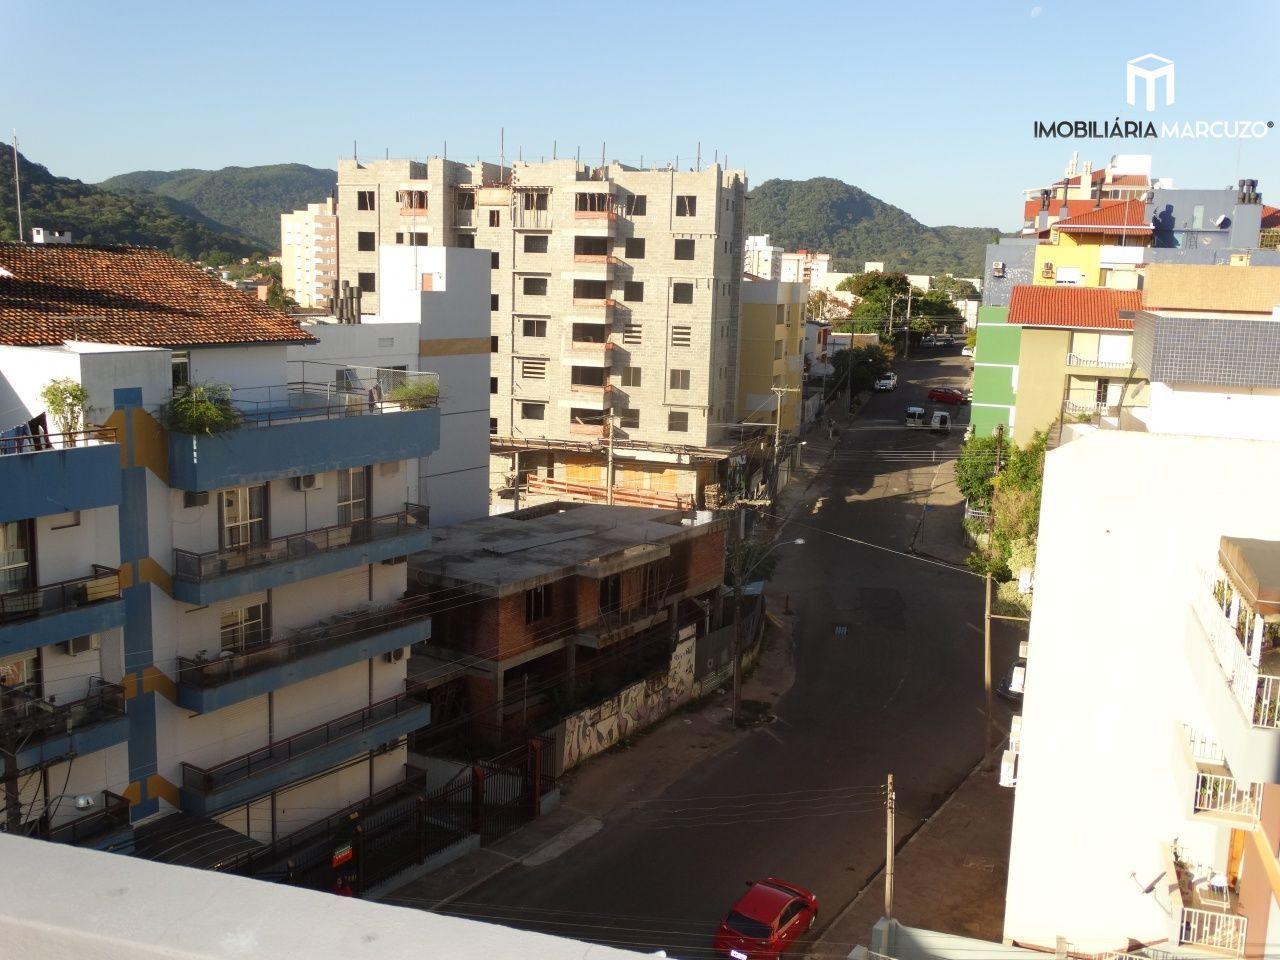 Apartamento com 2 Dormitórios à venda, 71 m² por R$ 265.000,00